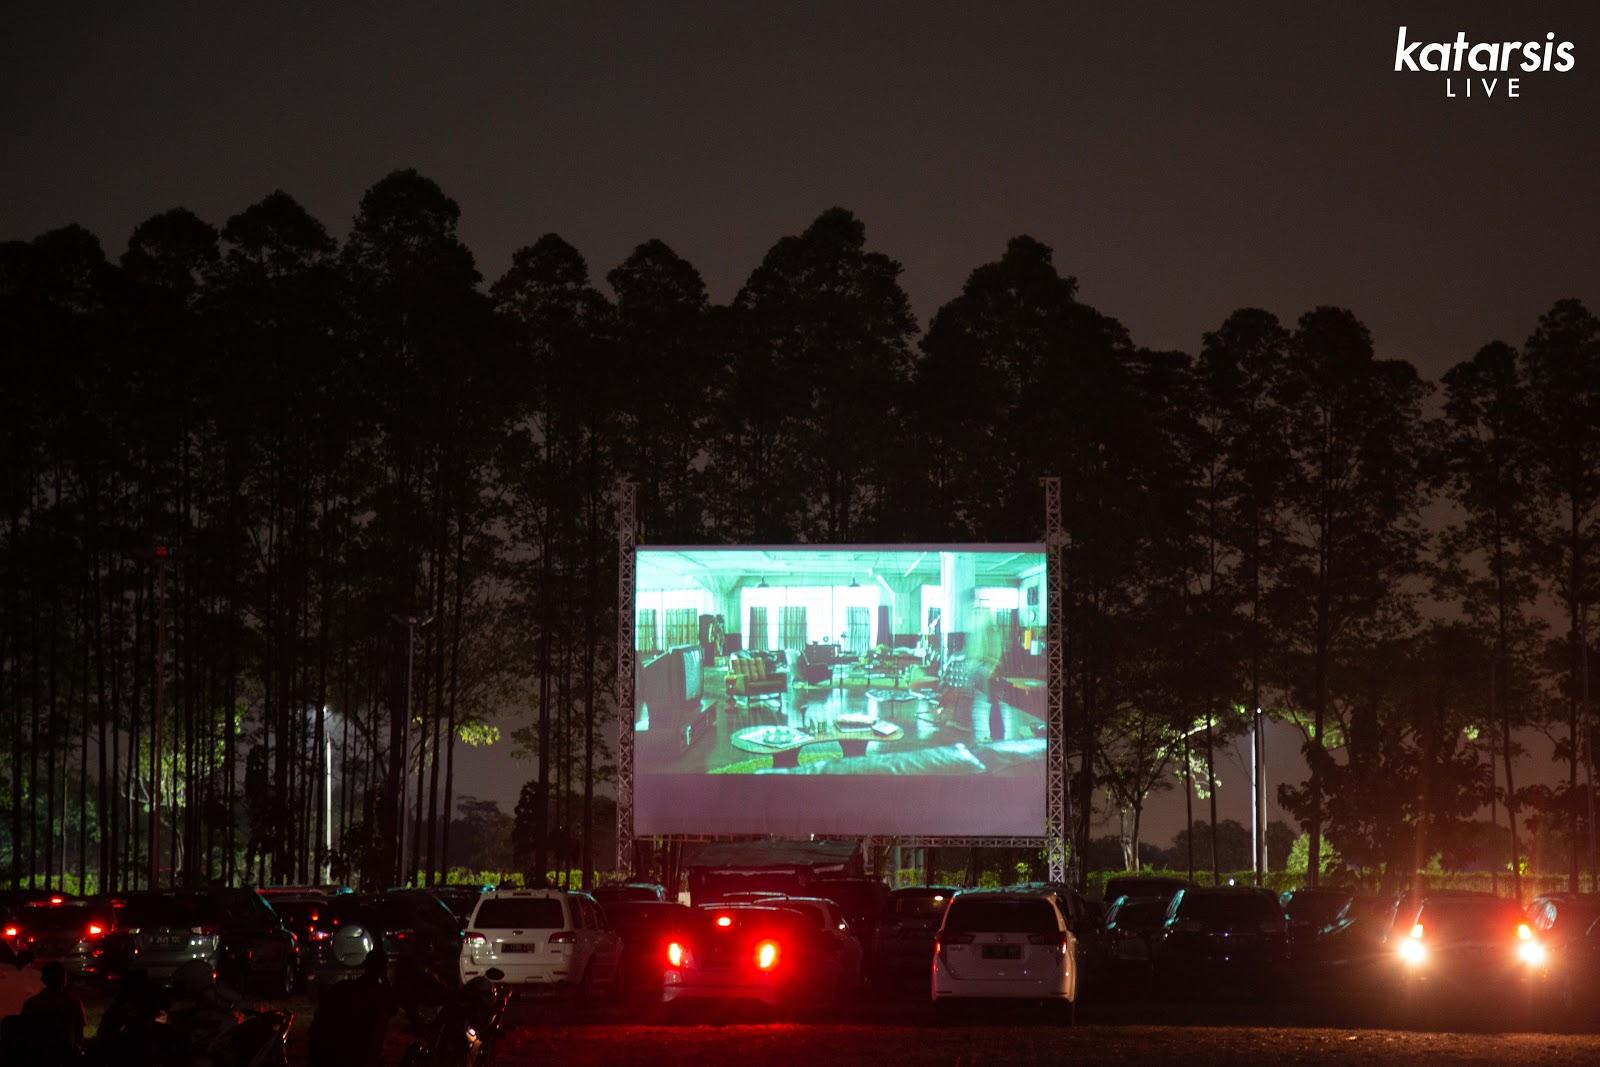 bioskop alternatif drive-in